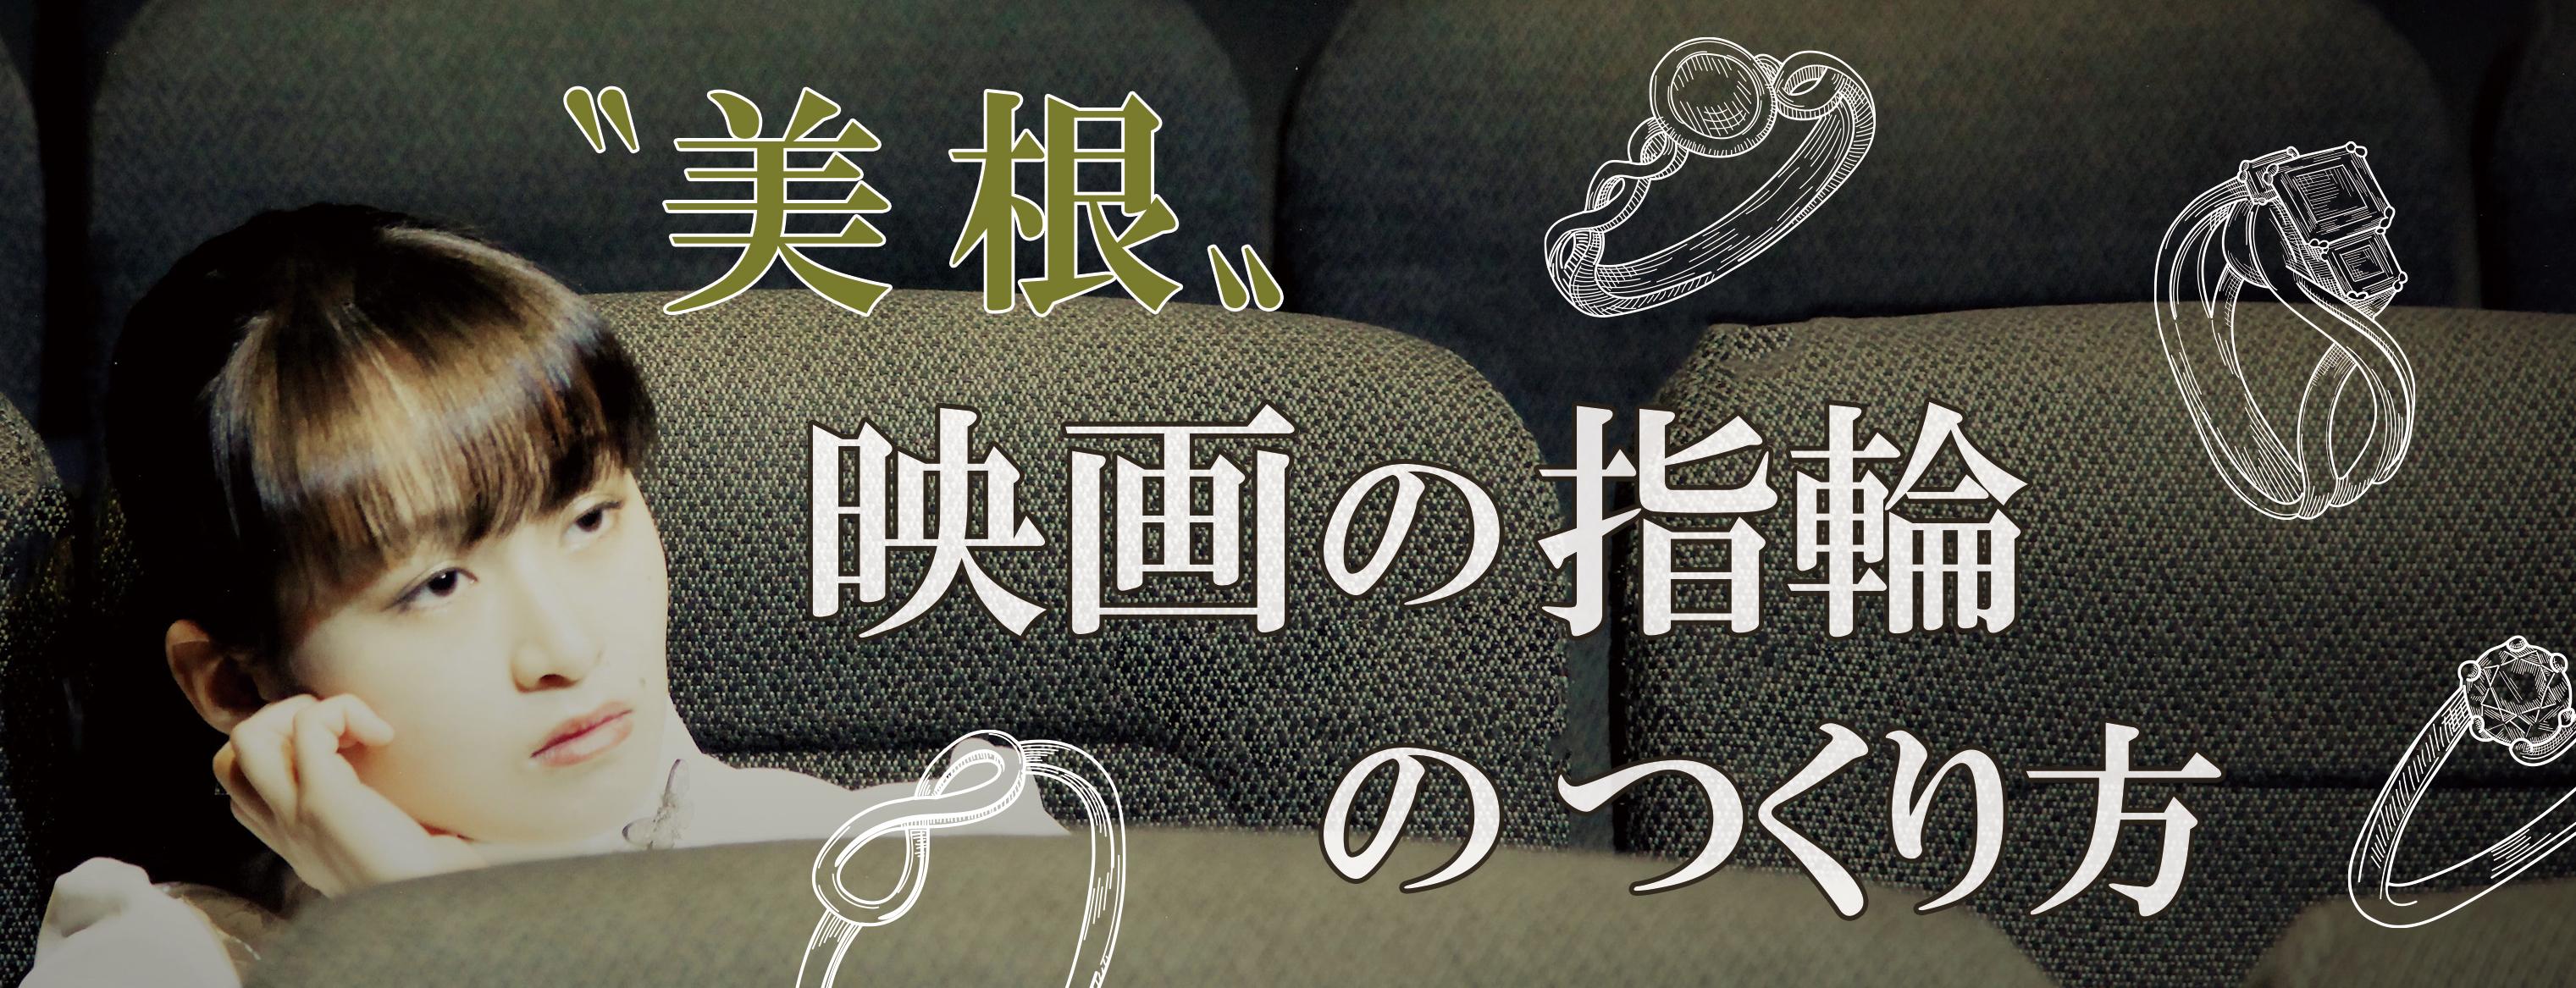 みねこ美根 / 「映画の指輪のつくり方」